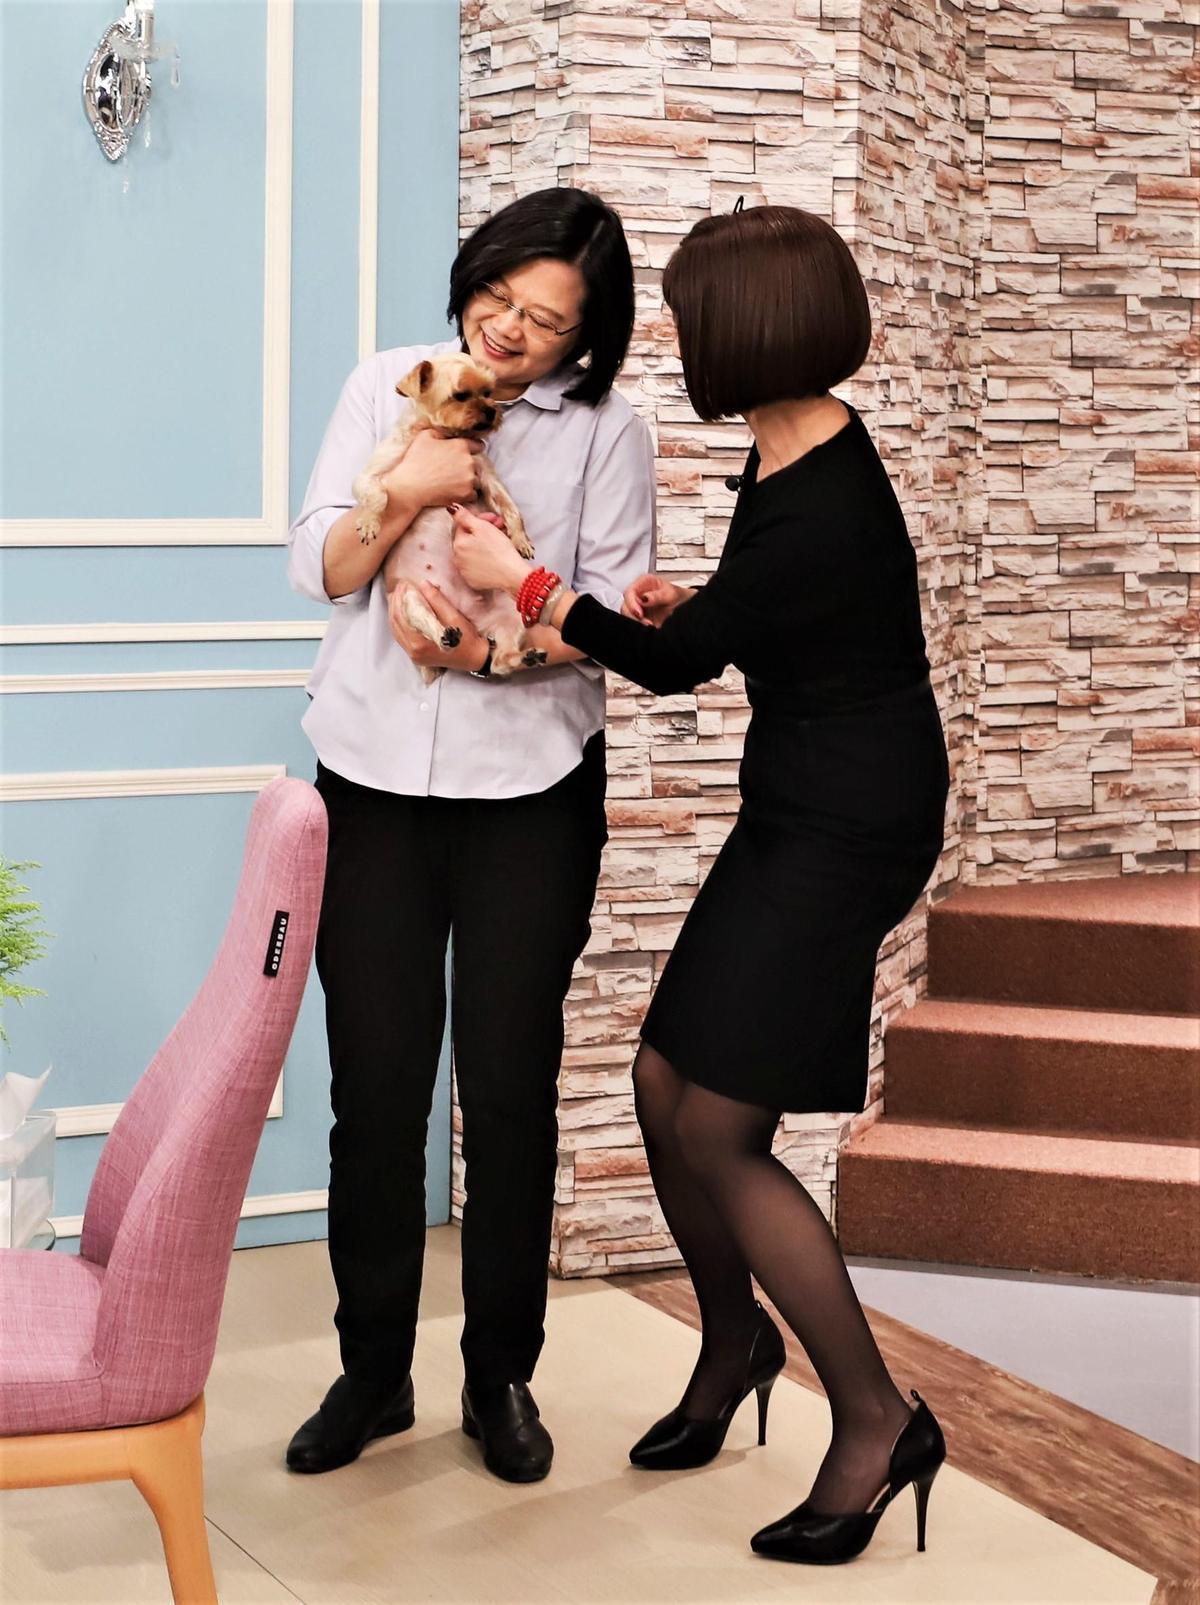 愛狗的蔡英文對陳美鳳愛犬妞妞喜愛有加,當場邀約陳美鳳帶狗到官邸玩。(民視提供)